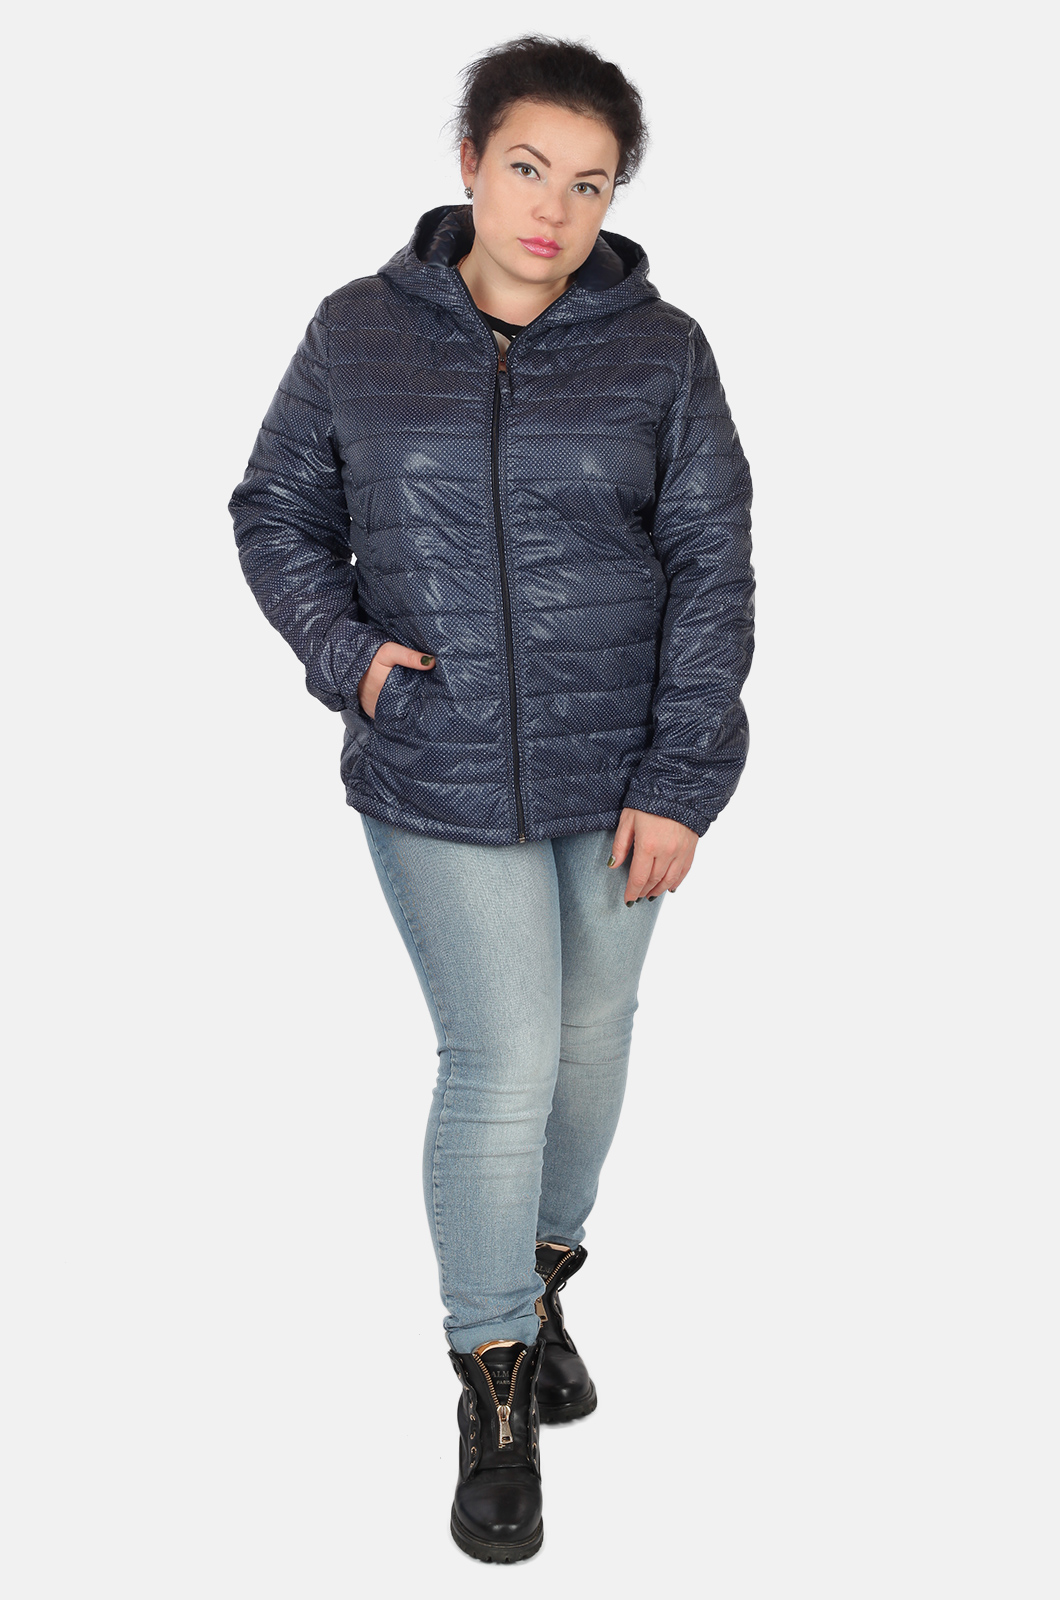 Стеганая молодежная курточка на синтепоне